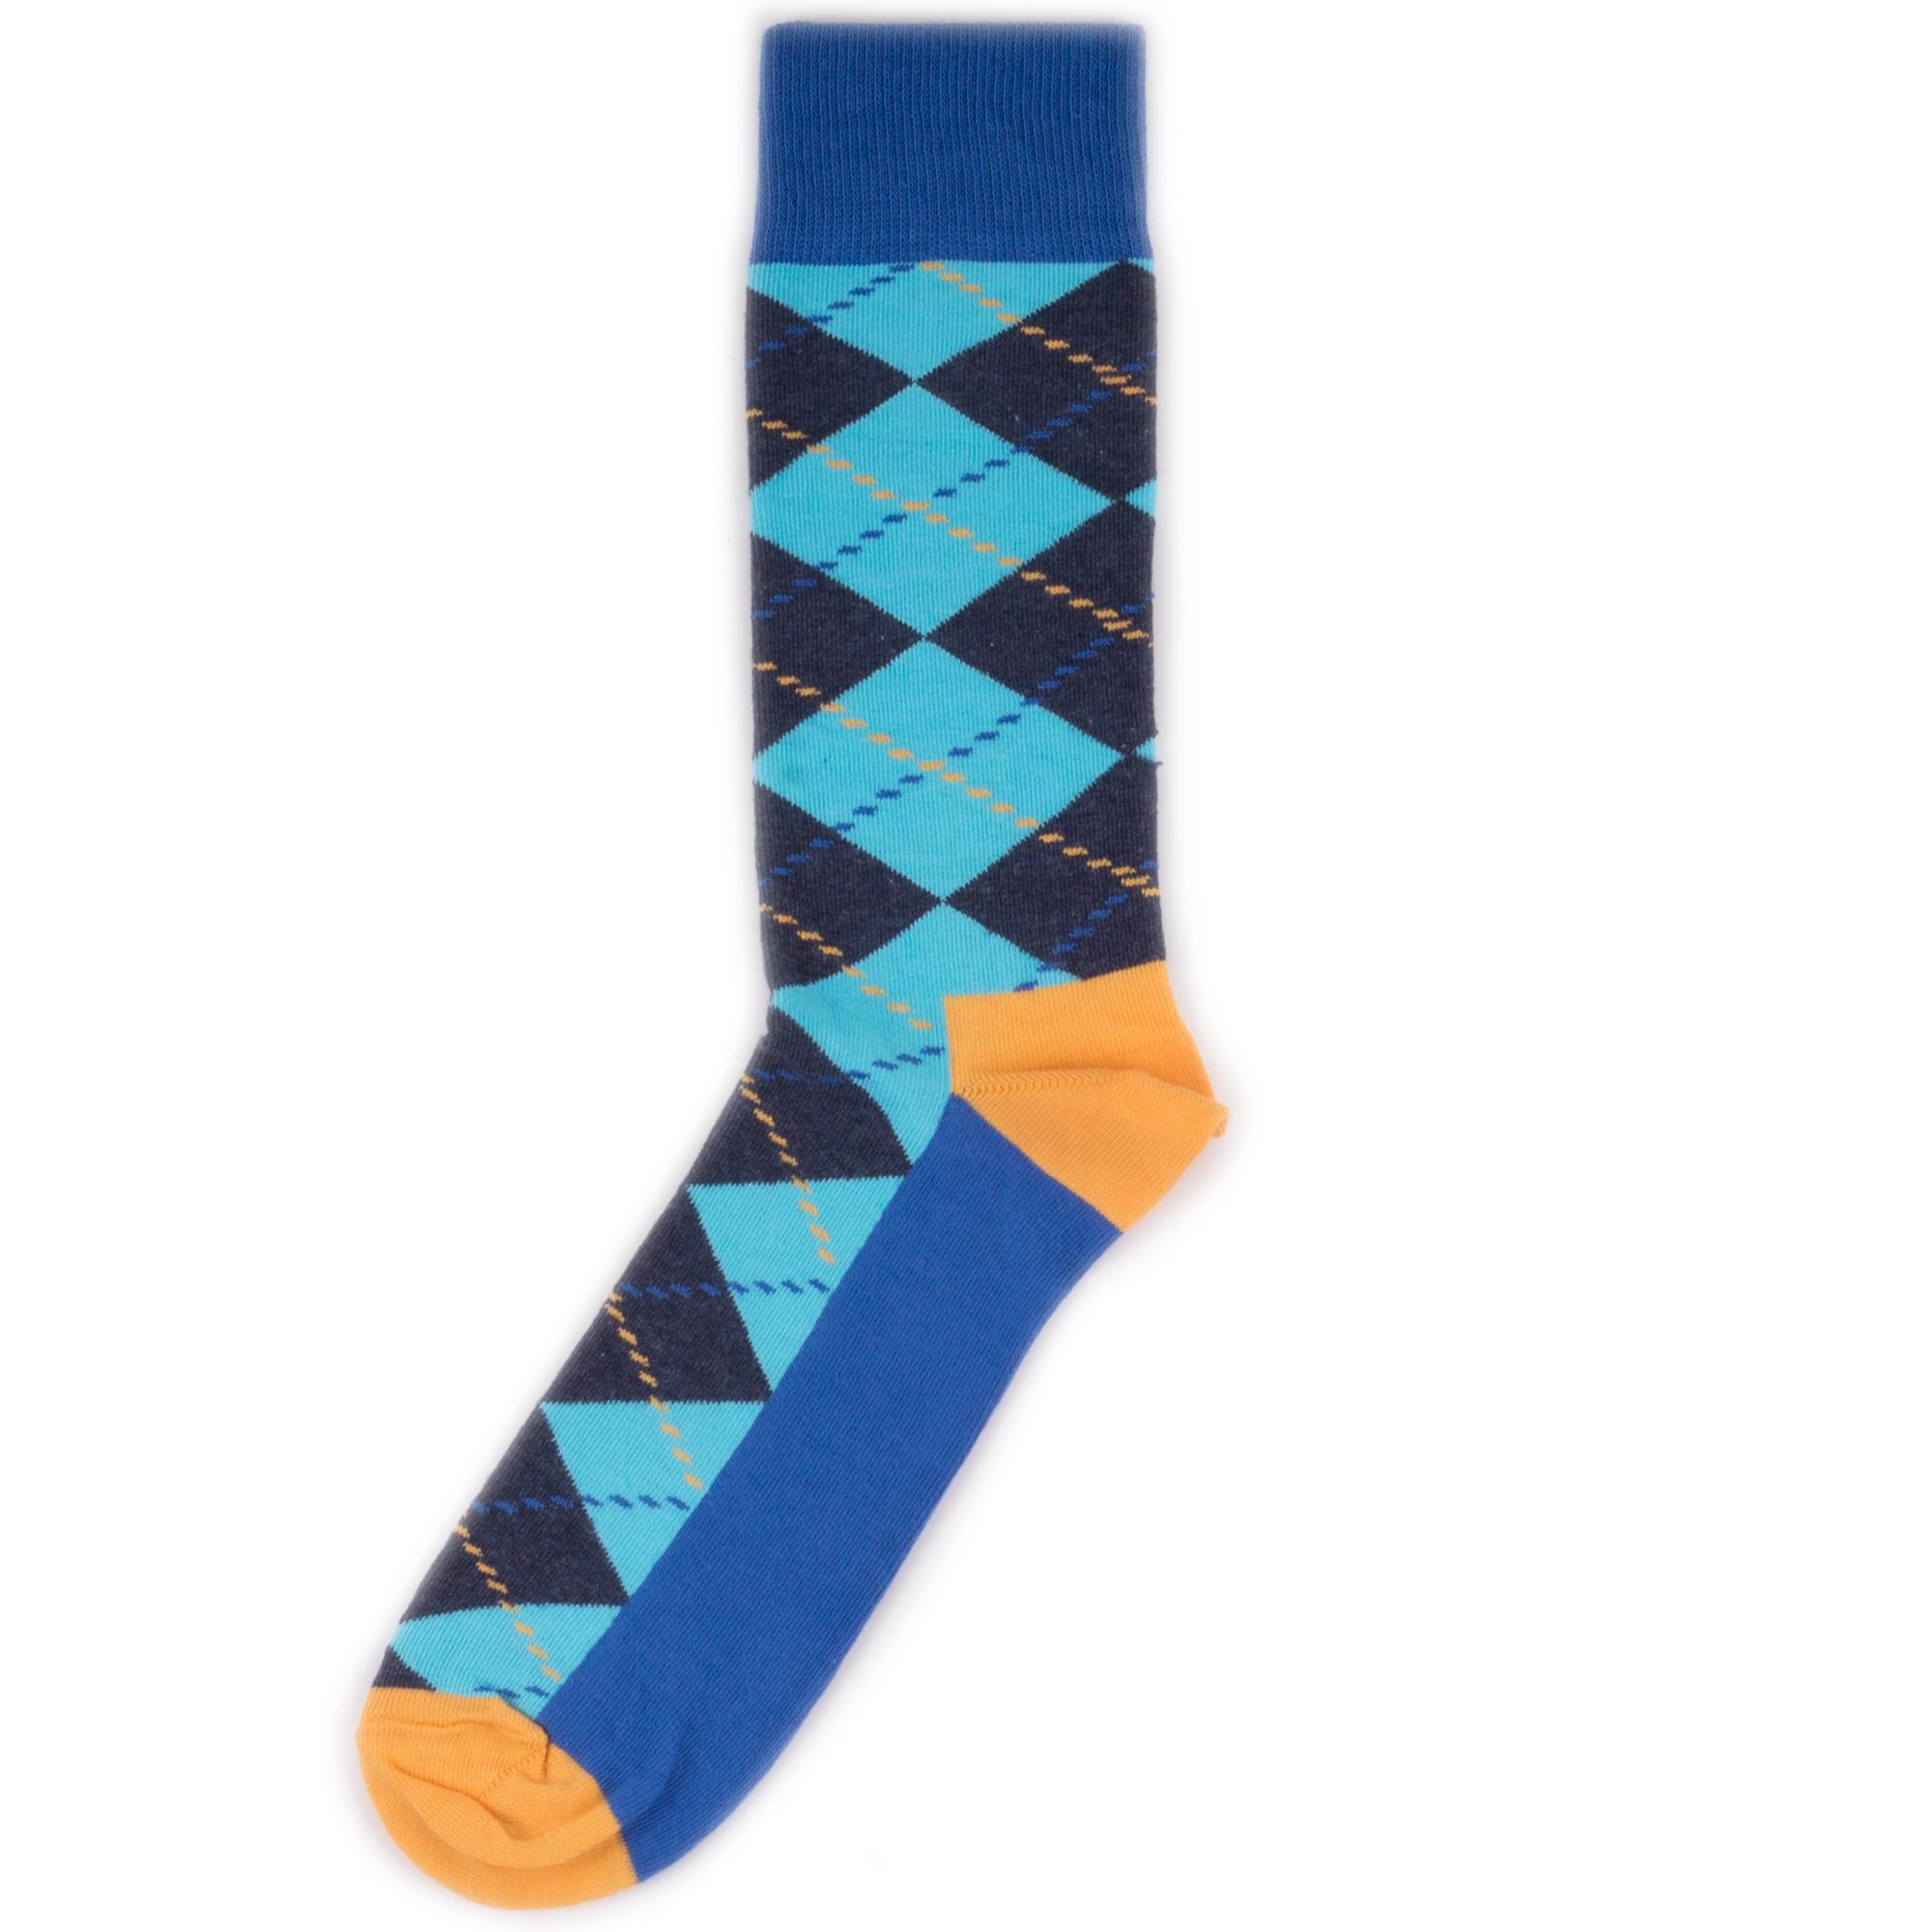 Носки унисекс Happy Socks Happy Socks Argyle - Blue/Orange разноцветные 36-40